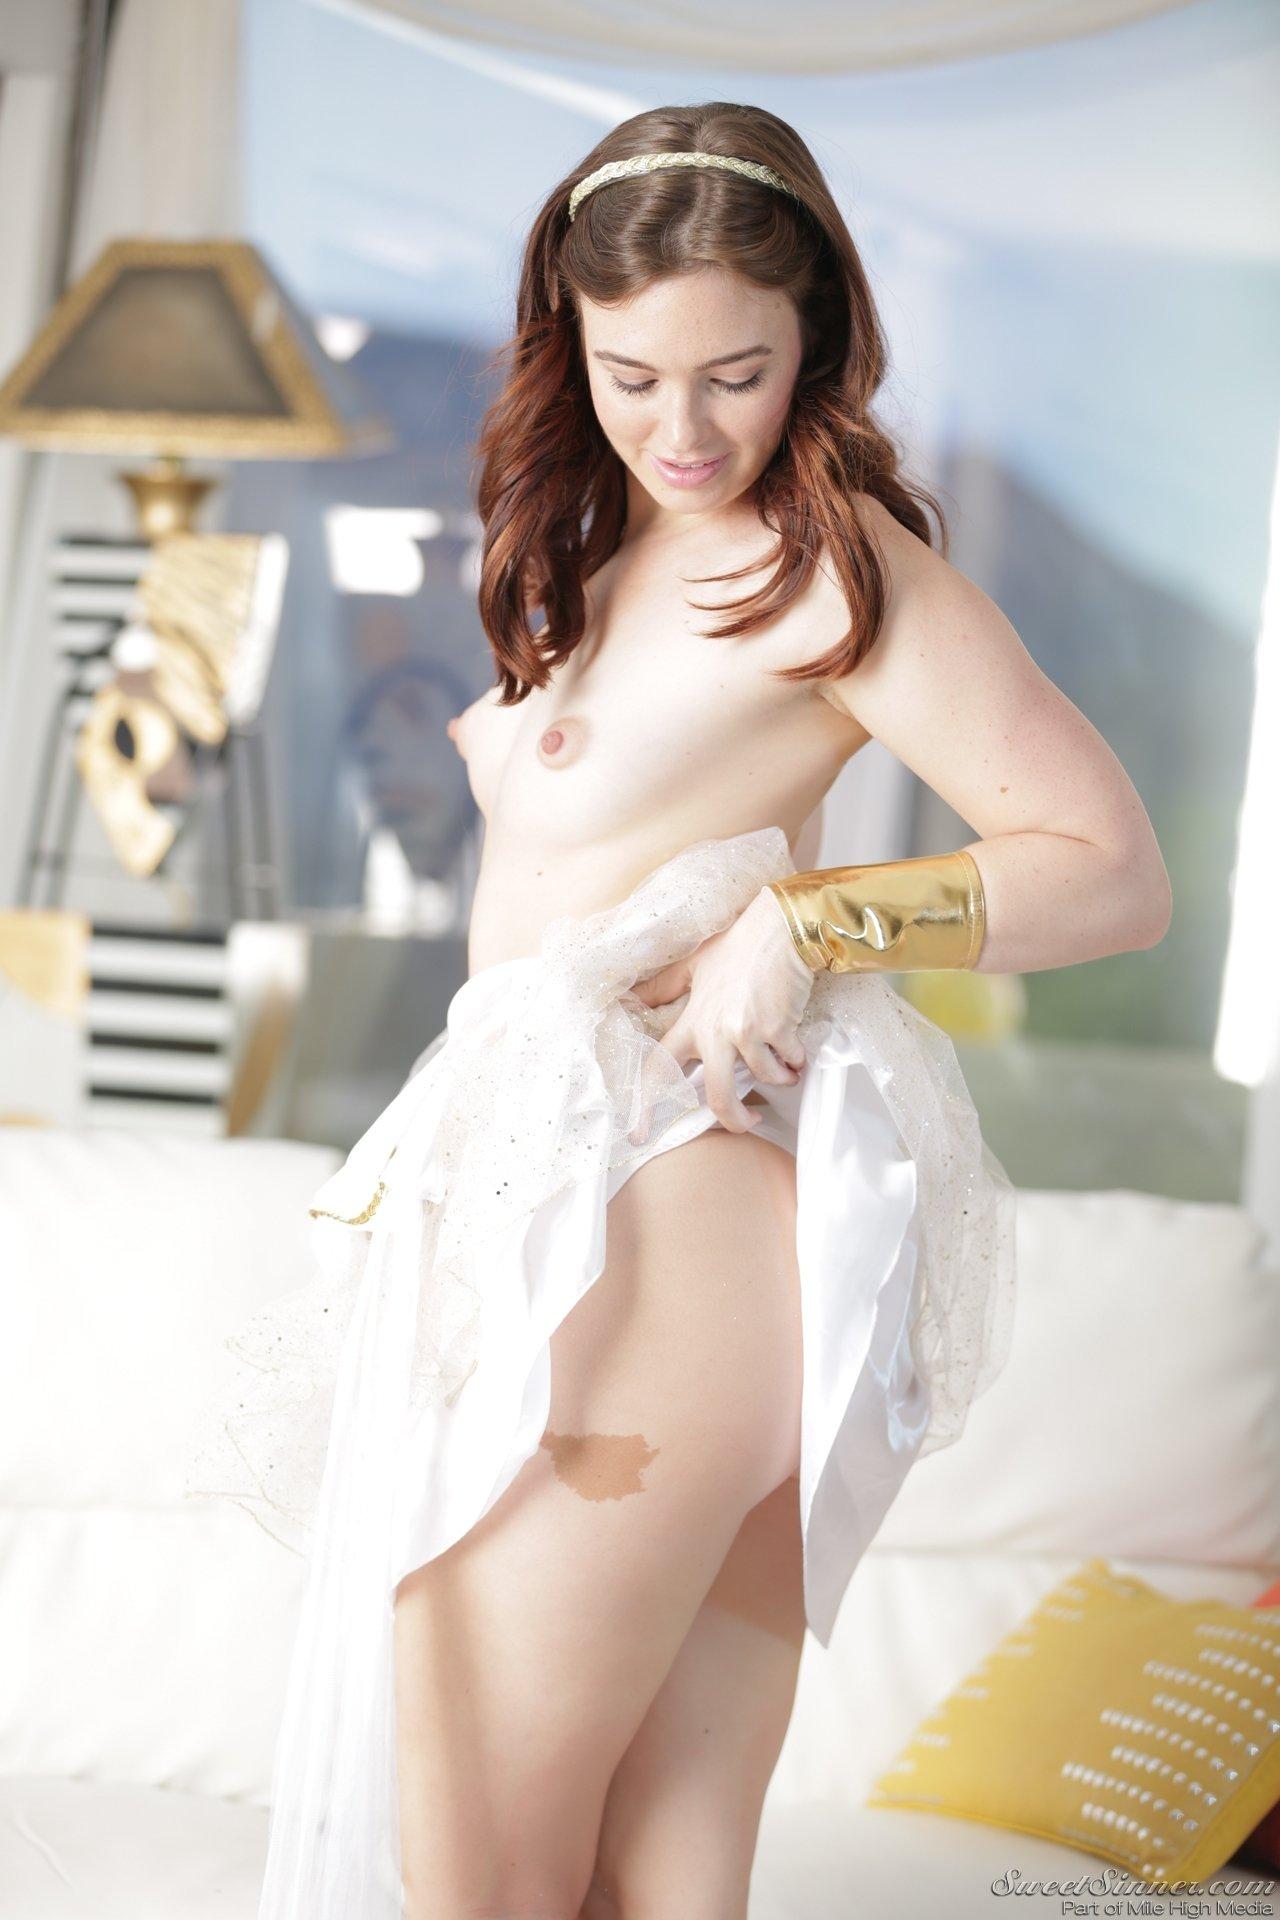 Шатенки - Порно фото галерея 1055340